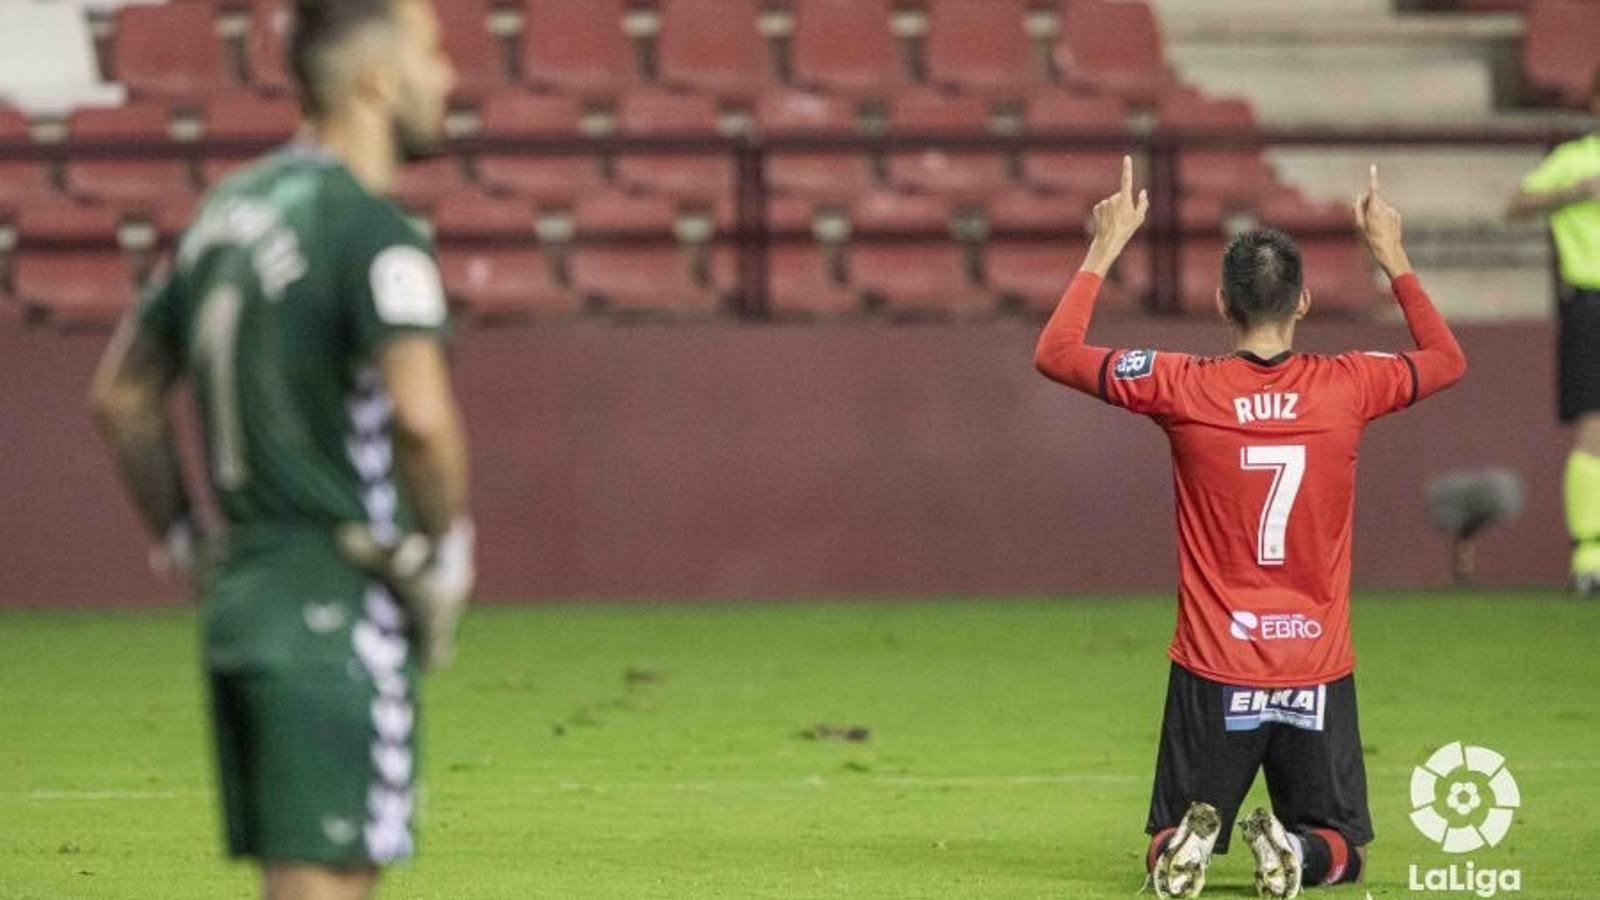 El Sabadell no abandona la mala dinàmica a Las Gaunas (1-0)